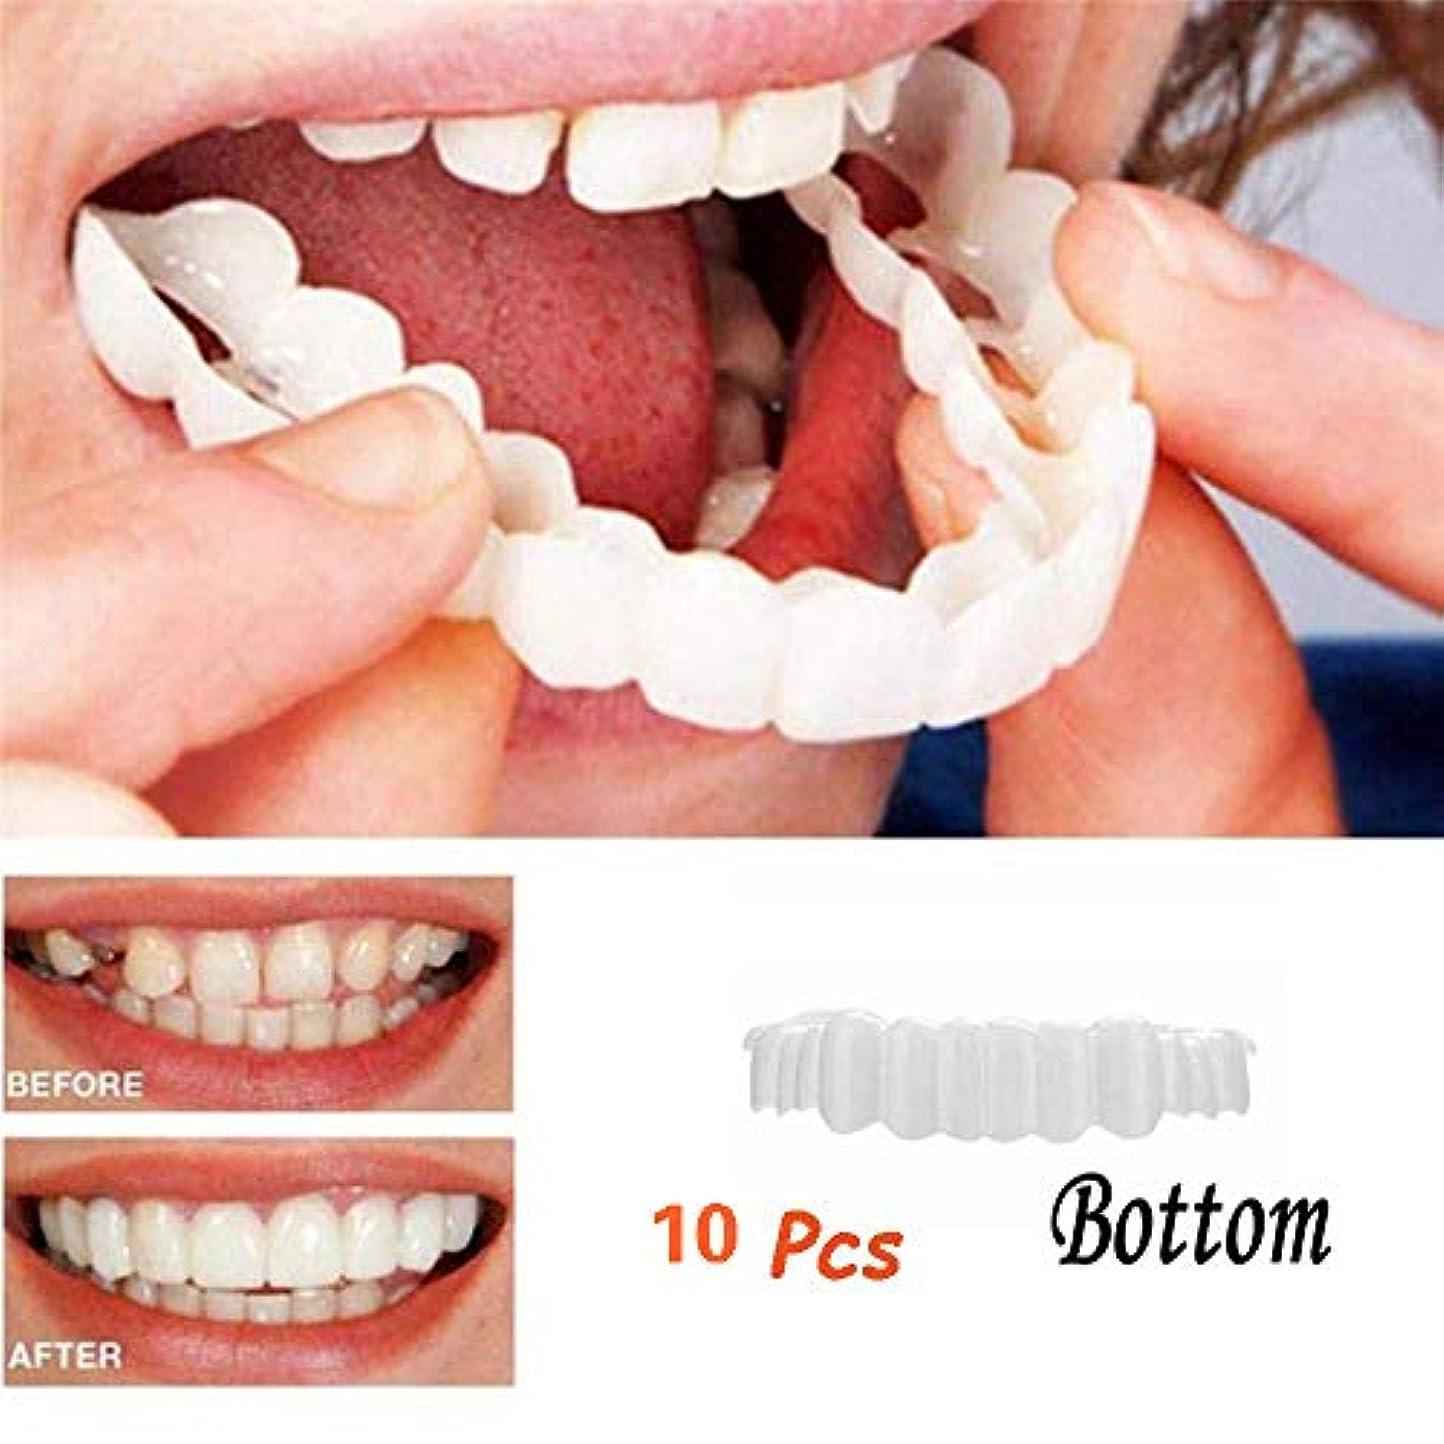 ほぼリズムゆるい化粧品の歯化粧品の歯科スナップスナップインスタントパーフェクトスマイルコンフォートフィットフレックス歯白い歯カバーフィット最も偽の下歯-10個